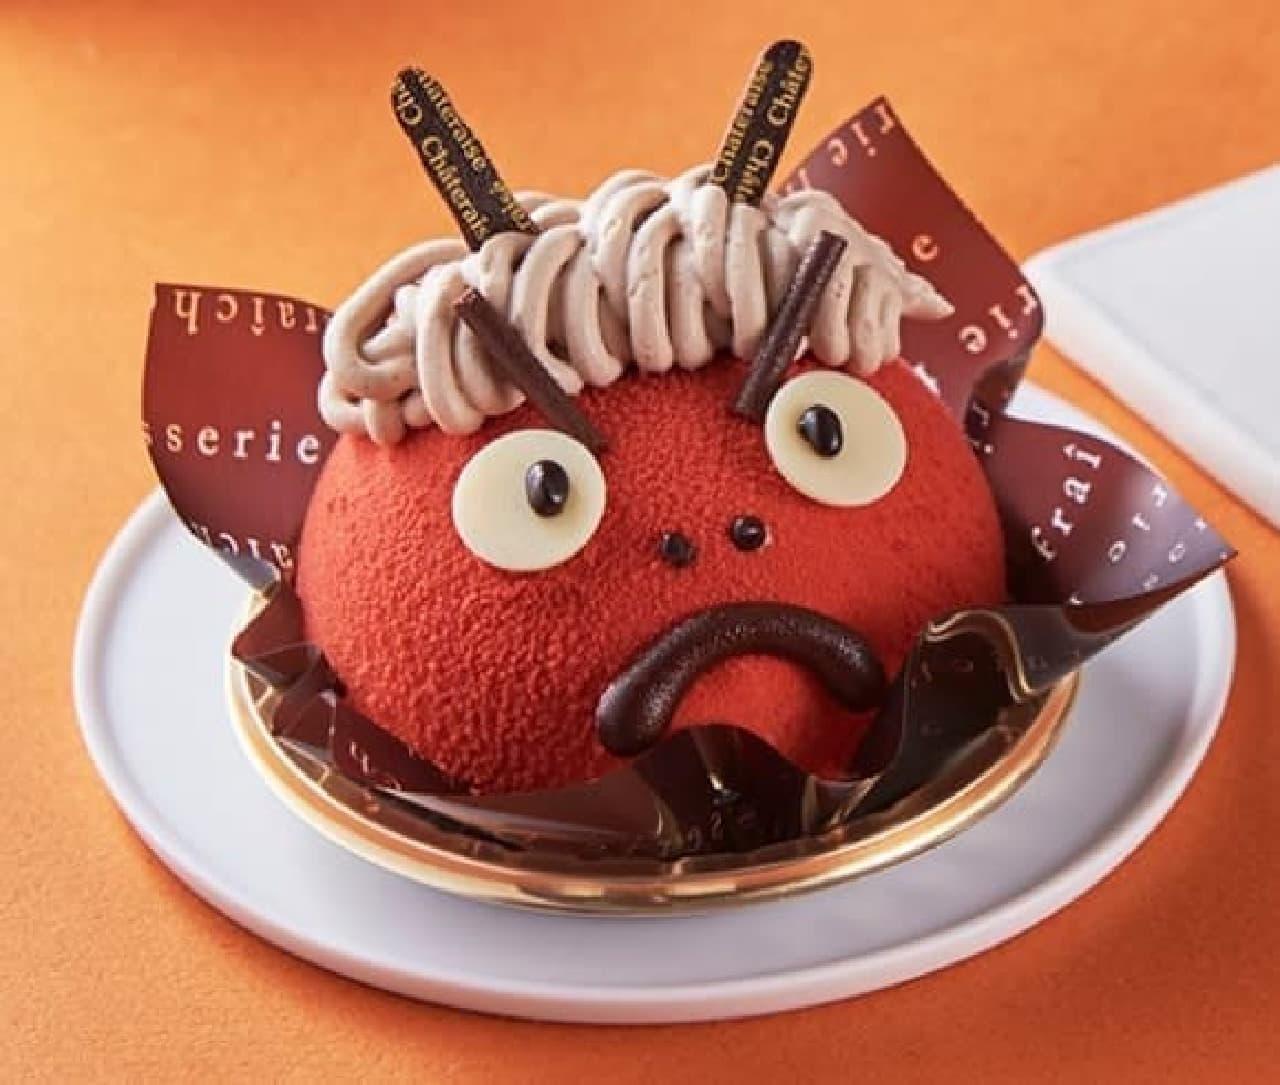 シャトレーゼ「鬼ケーキ」